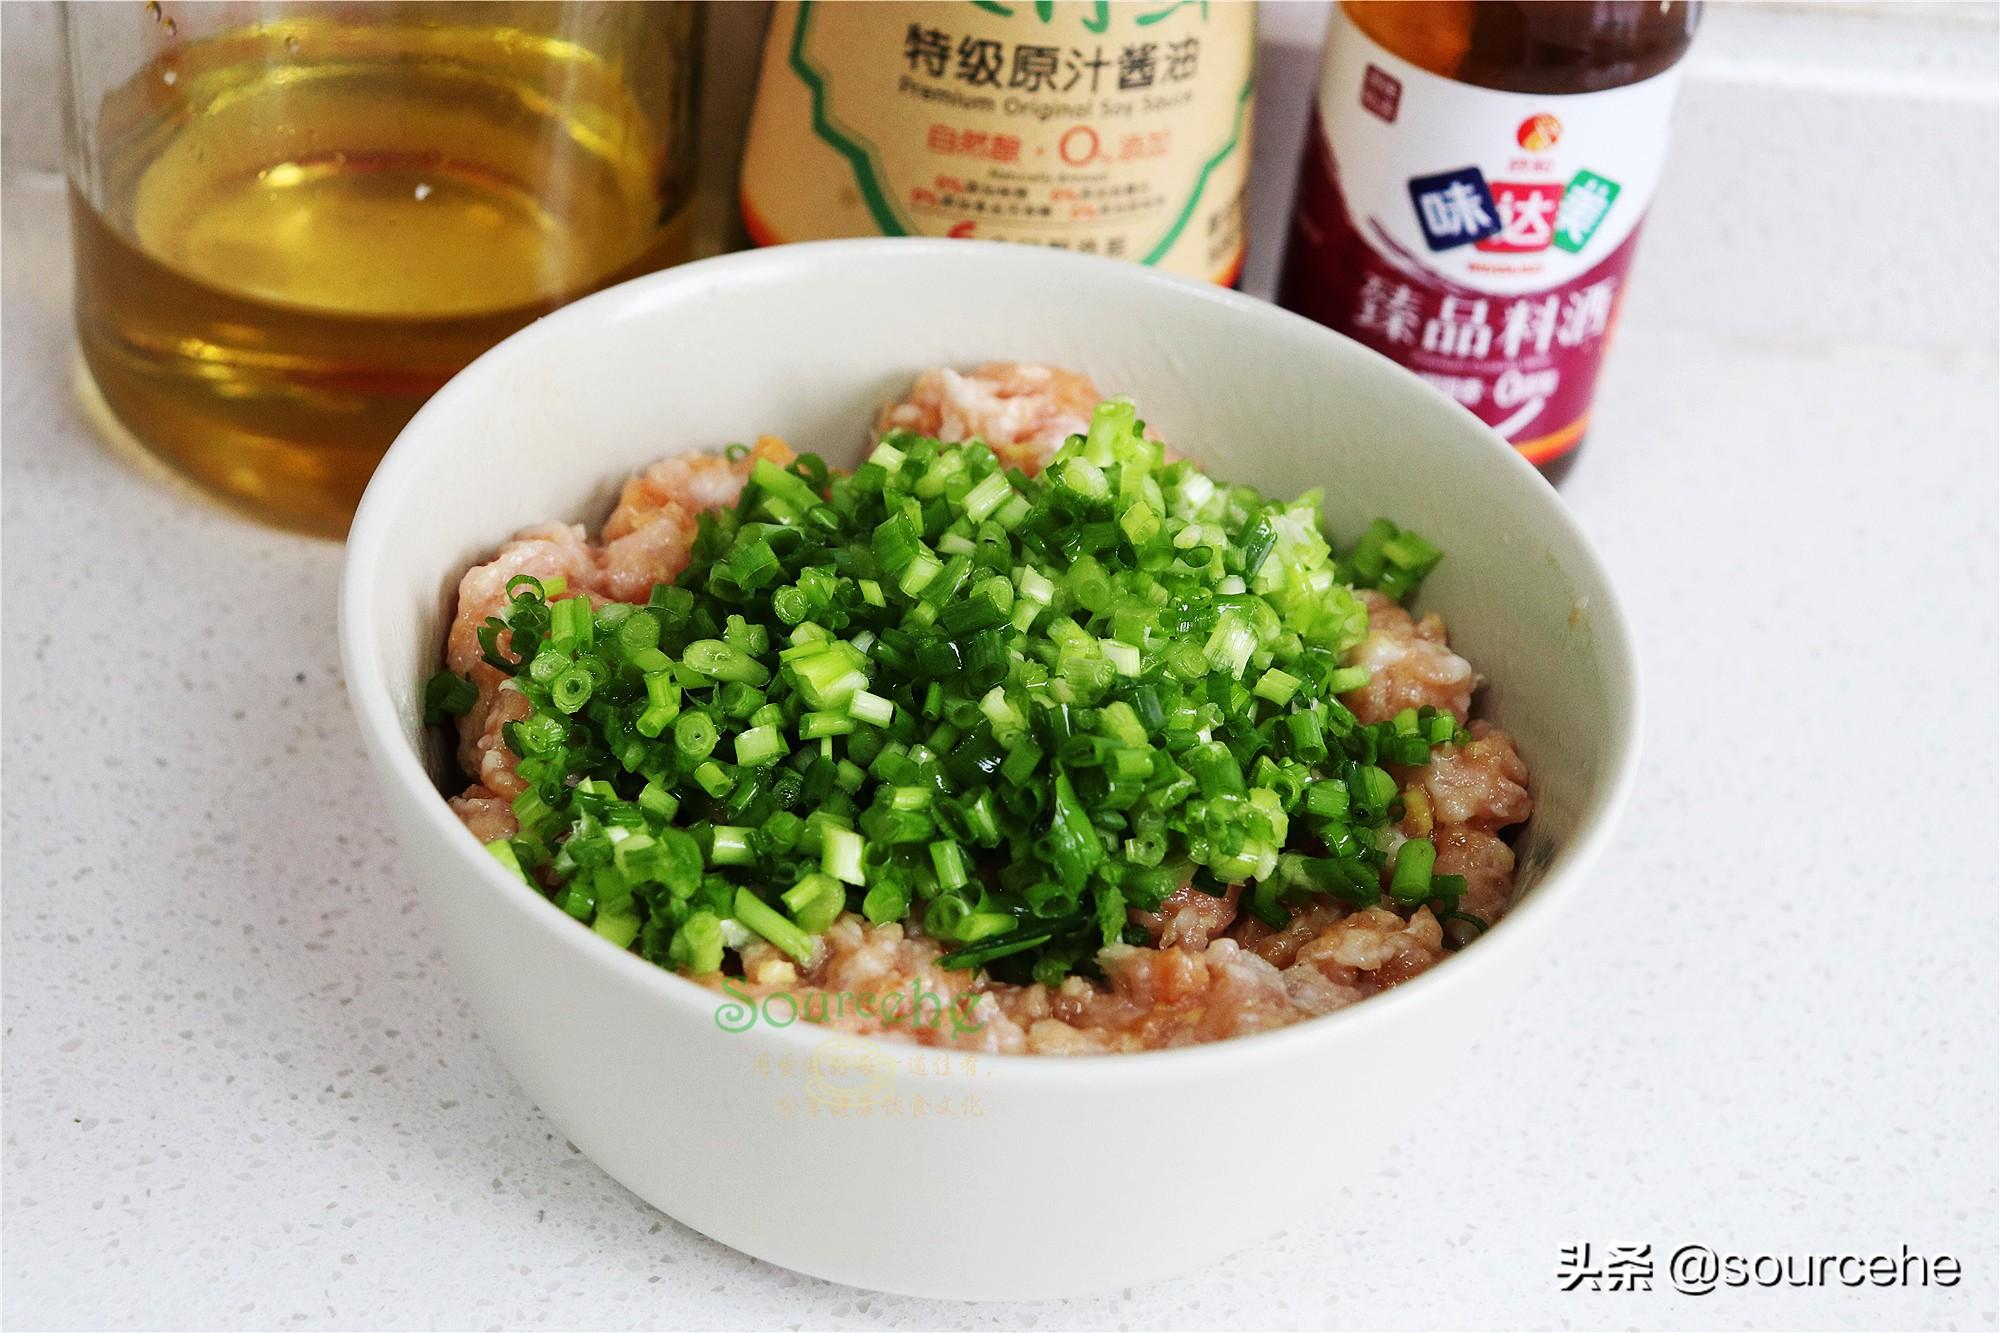 二月二,我家每年都做的傳統小吃,鮮肉煎餃,皮薄餡多香噴噴